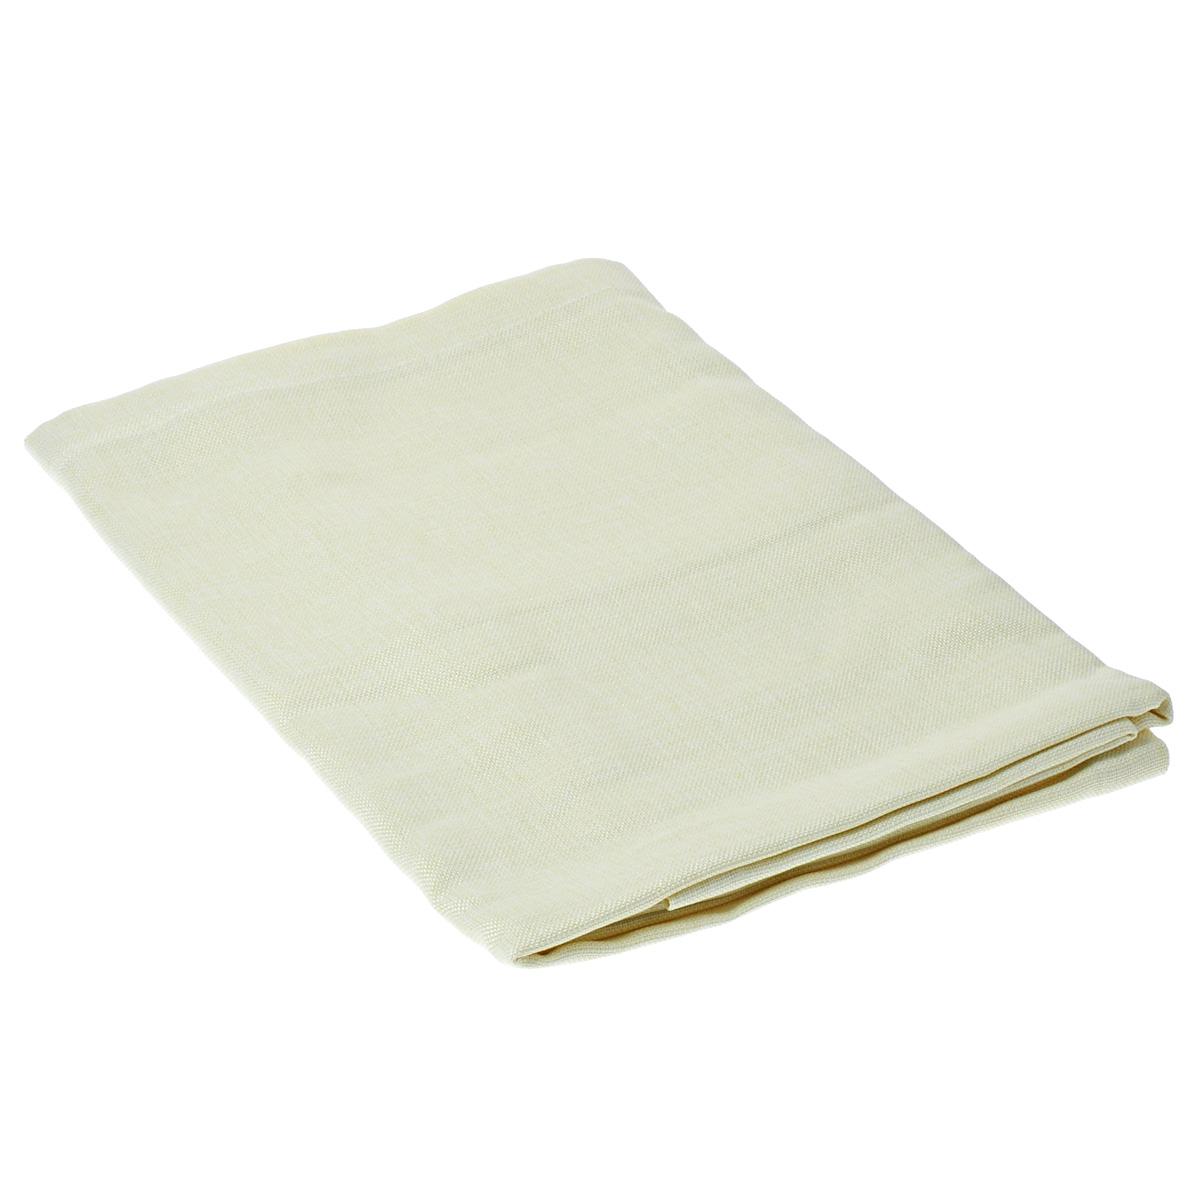 Дорожка для декорирования стола Schaefer, прямоугольная, цвет: светло-бежевый, 50 x 140 см 41294129/Fb.33-50*140Дорожка Schaefer выполнена из высококачественного полиэстера. Вы можете использовать дорожку для декорирования стола, комода или журнального столика. Благодаря такой дорожке вы защитите поверхность мебели от воды, пятен и механических воздействий, а также создадите атмосферу уюта и домашнего тепла в интерьере вашей квартиры. Изделия из искусственных волокон легко стирать: они не мнутся, не садятся и быстро сохнут, они более долговечны, чем изделия из натуральных волокон. Изысканный текстиль от немецкой компании Schaefer - это красота, стиль и уют в вашем доме. Дорожка органично впишется в интерьер любого помещения, а оригинальный дизайн удовлетворит даже самый изысканный вкус. Дарите себе и близким красоту каждый день!